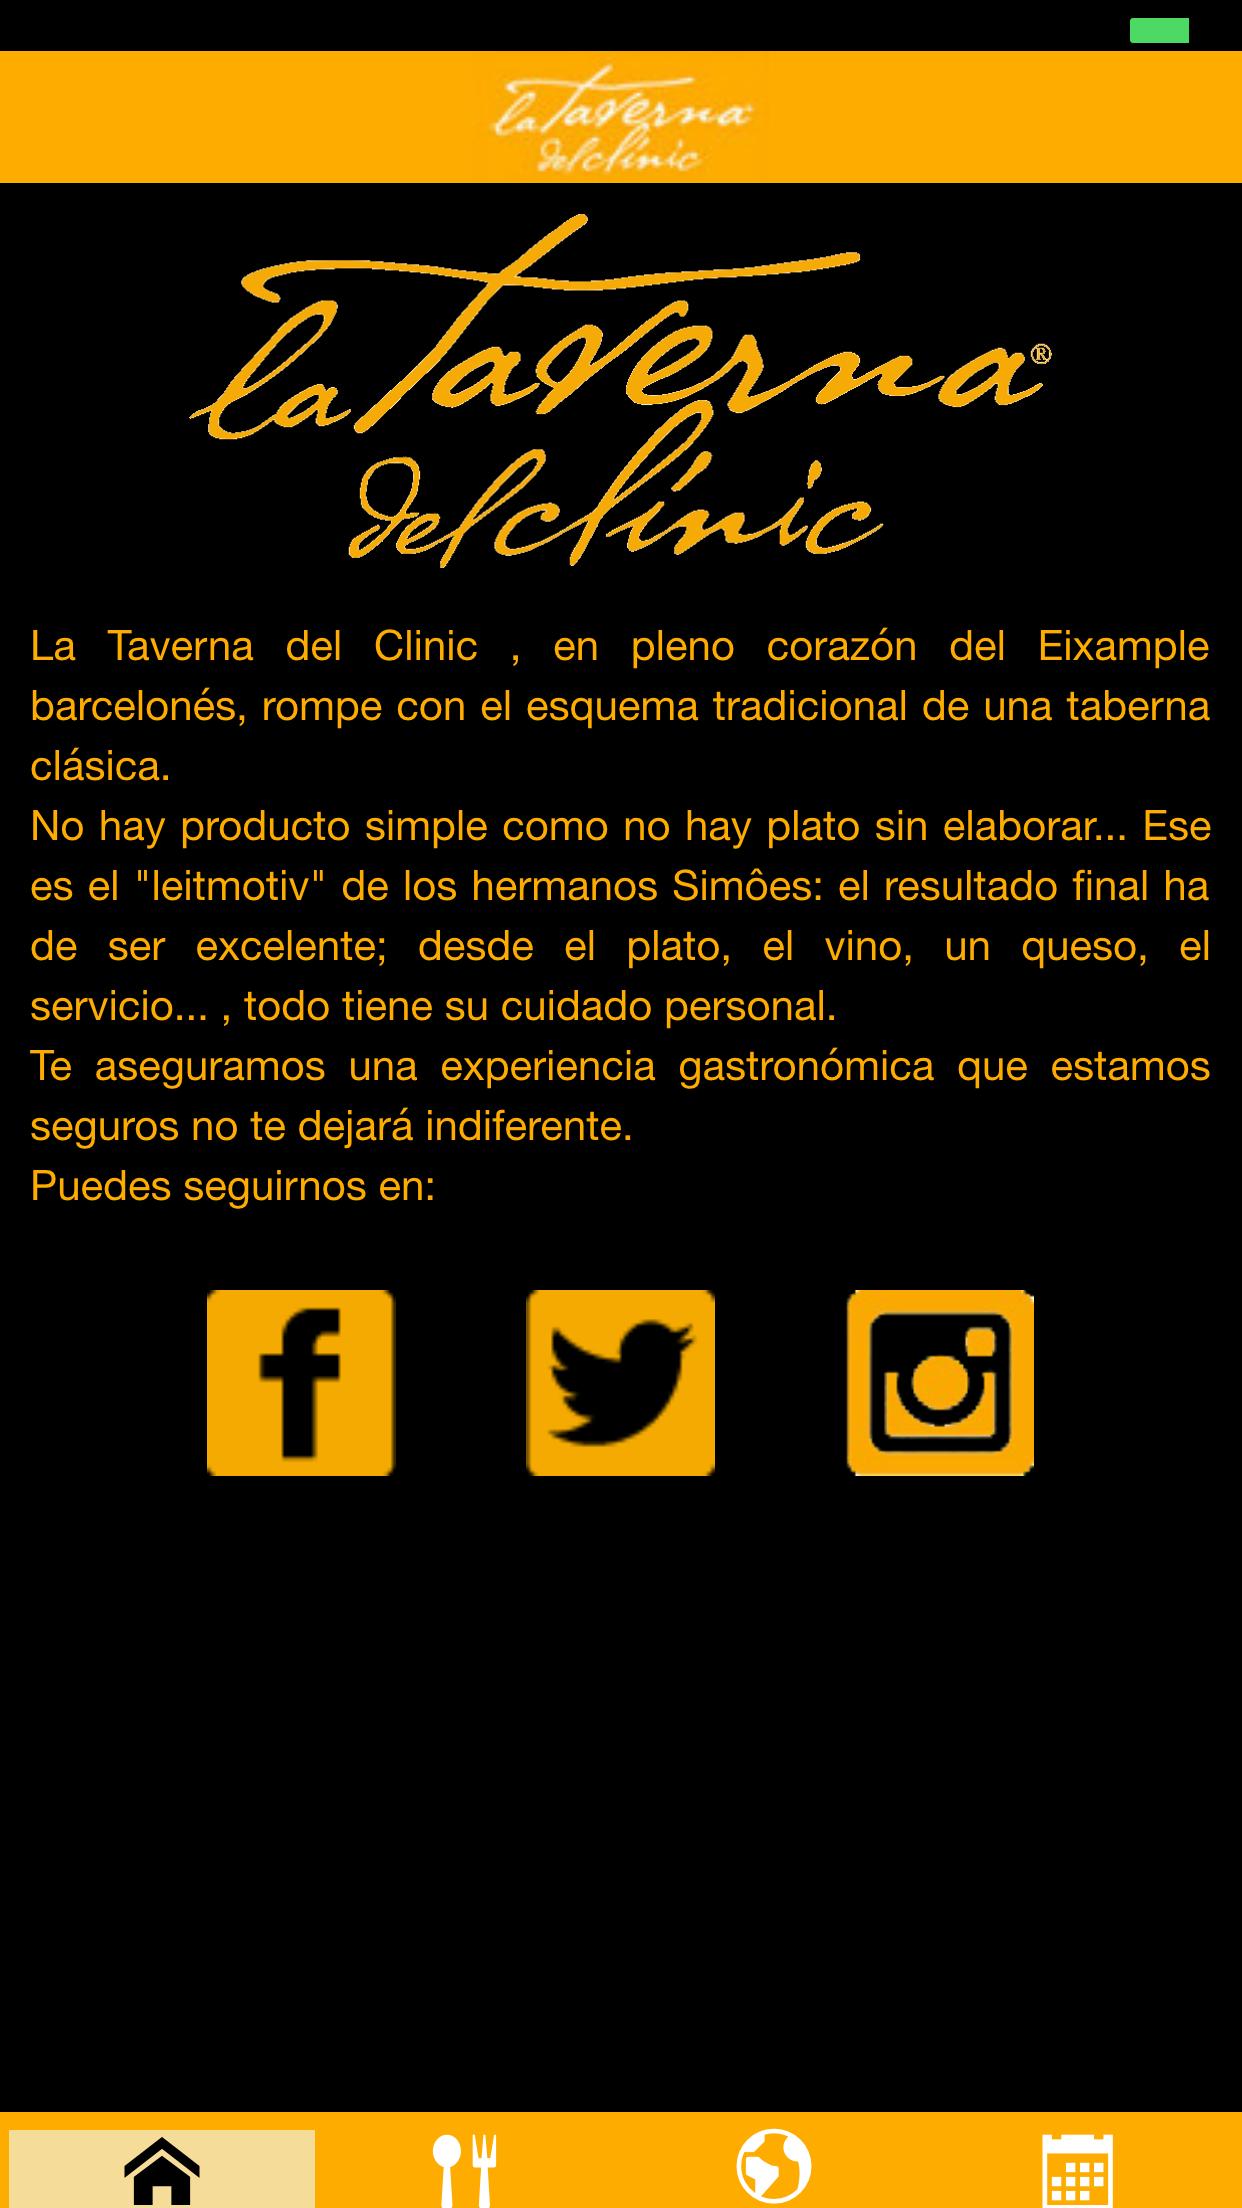 App La Taverna del Clínic